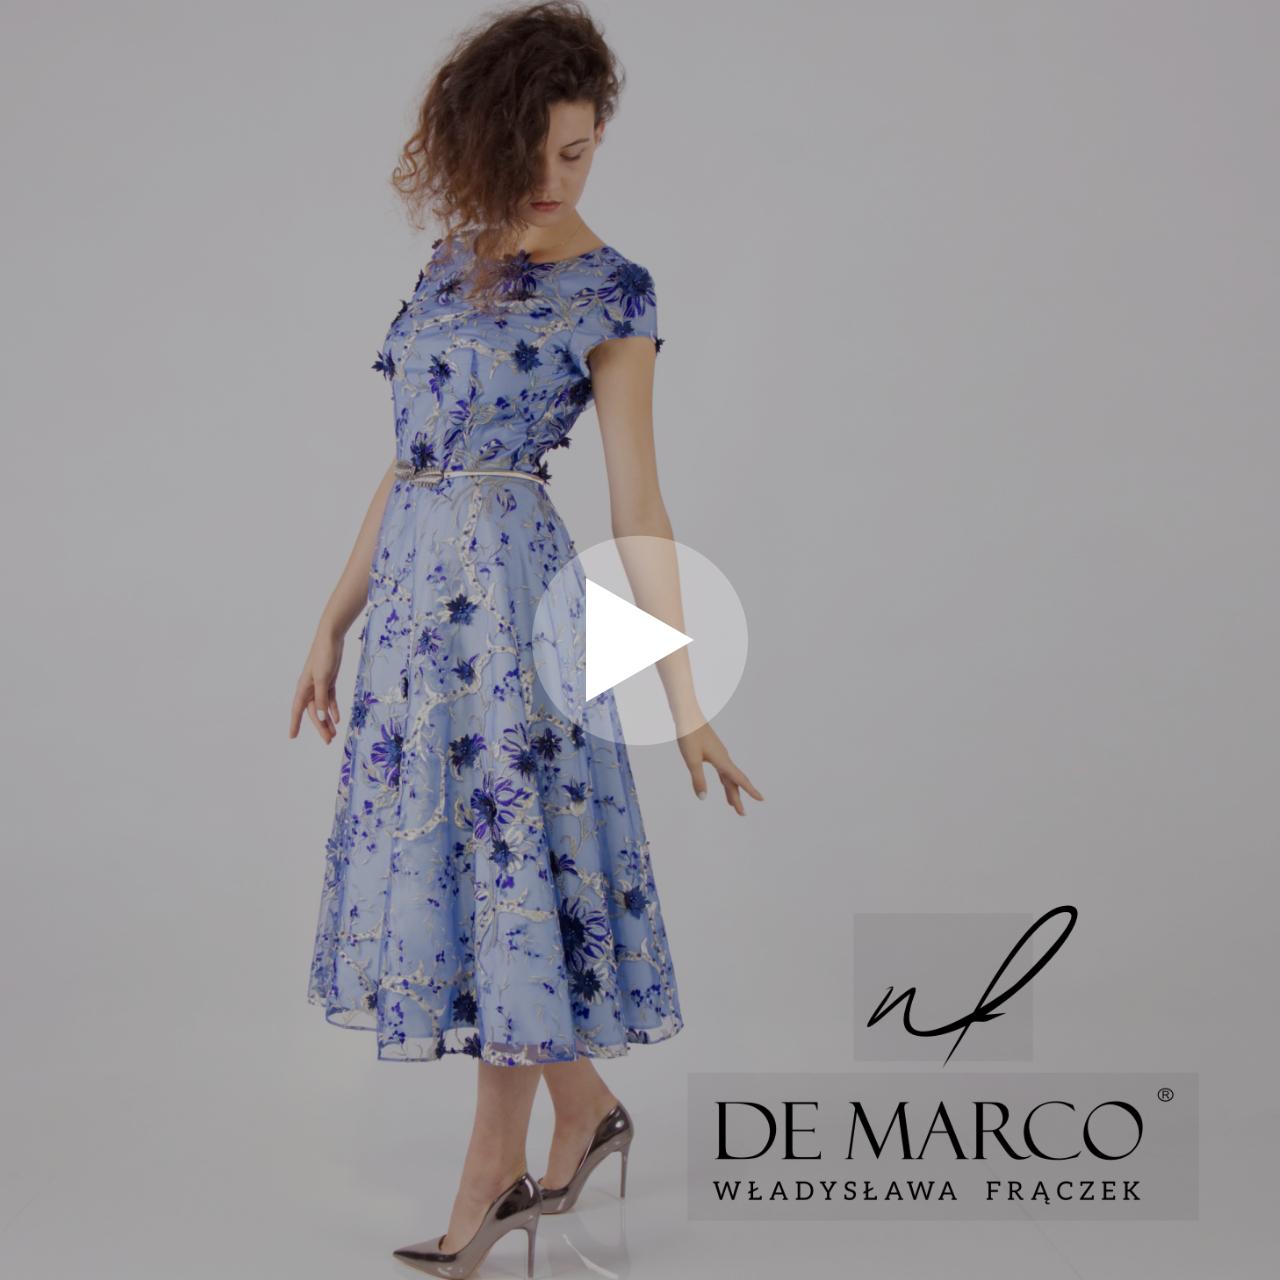 Najpiękniejsze sukienki na wesele dla mamy Pana młodego lub Panny Młodej. Salon Mody De Marco: video z sesji zdjęciowej